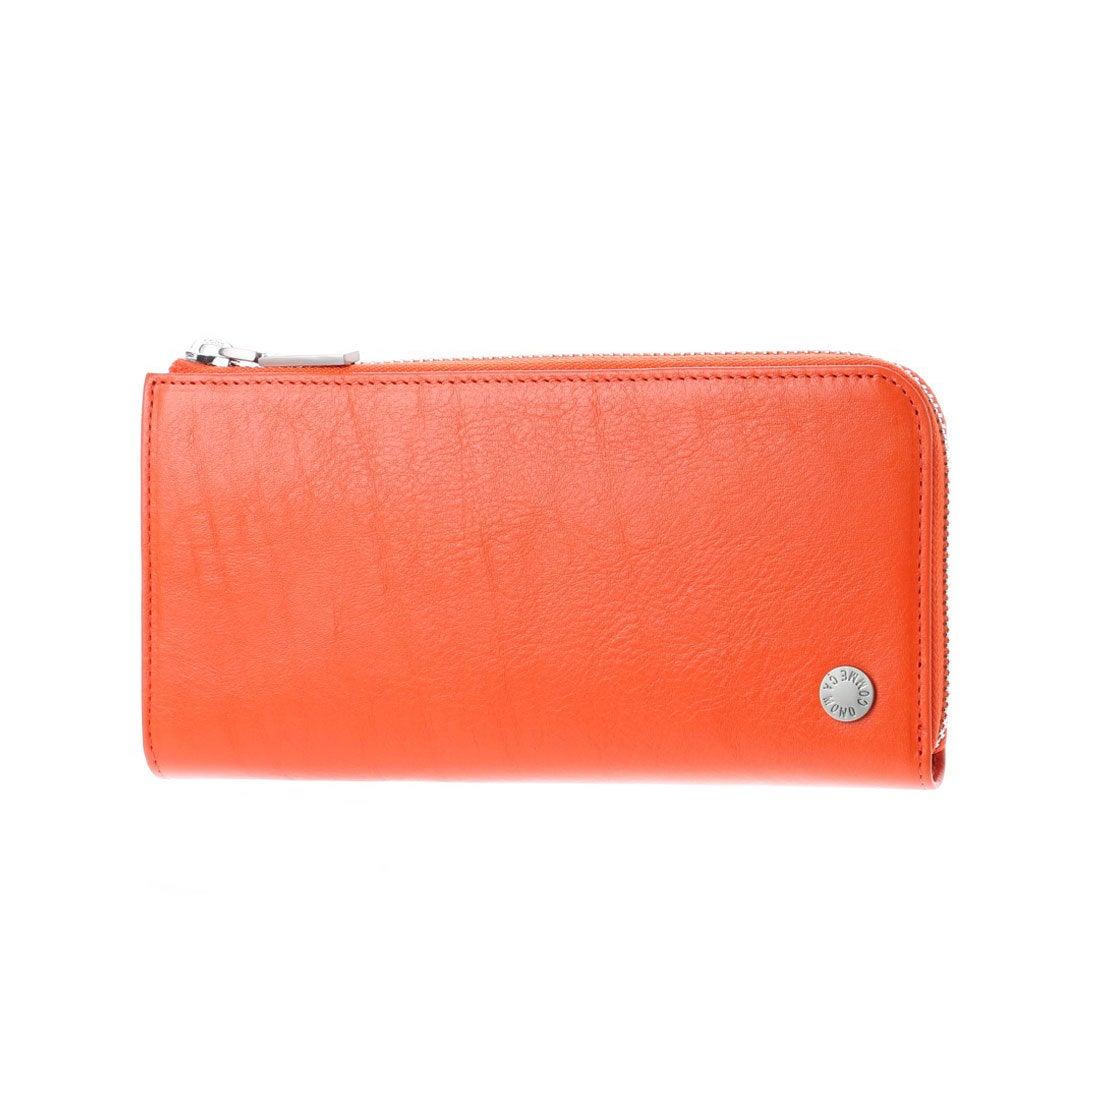 コムサイズム COMME CA ISM MONOL字ファスナー型長財布 (オレンジ) レディース メンズ